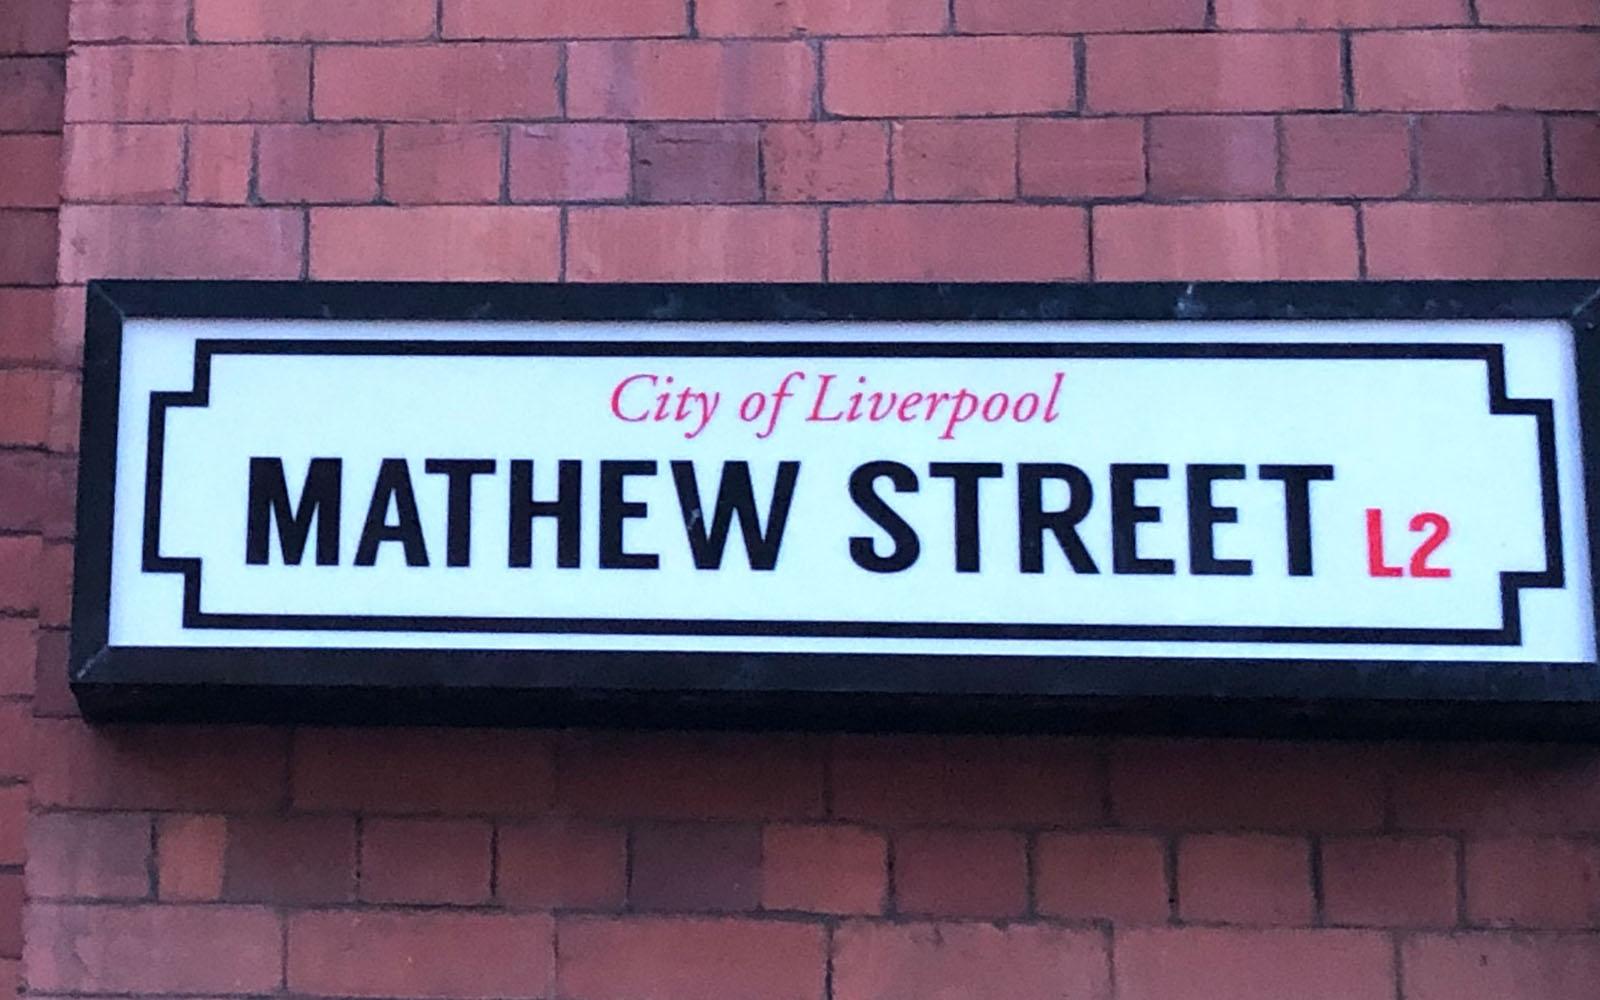 Mathew street, dove si trova il Cavern Club.